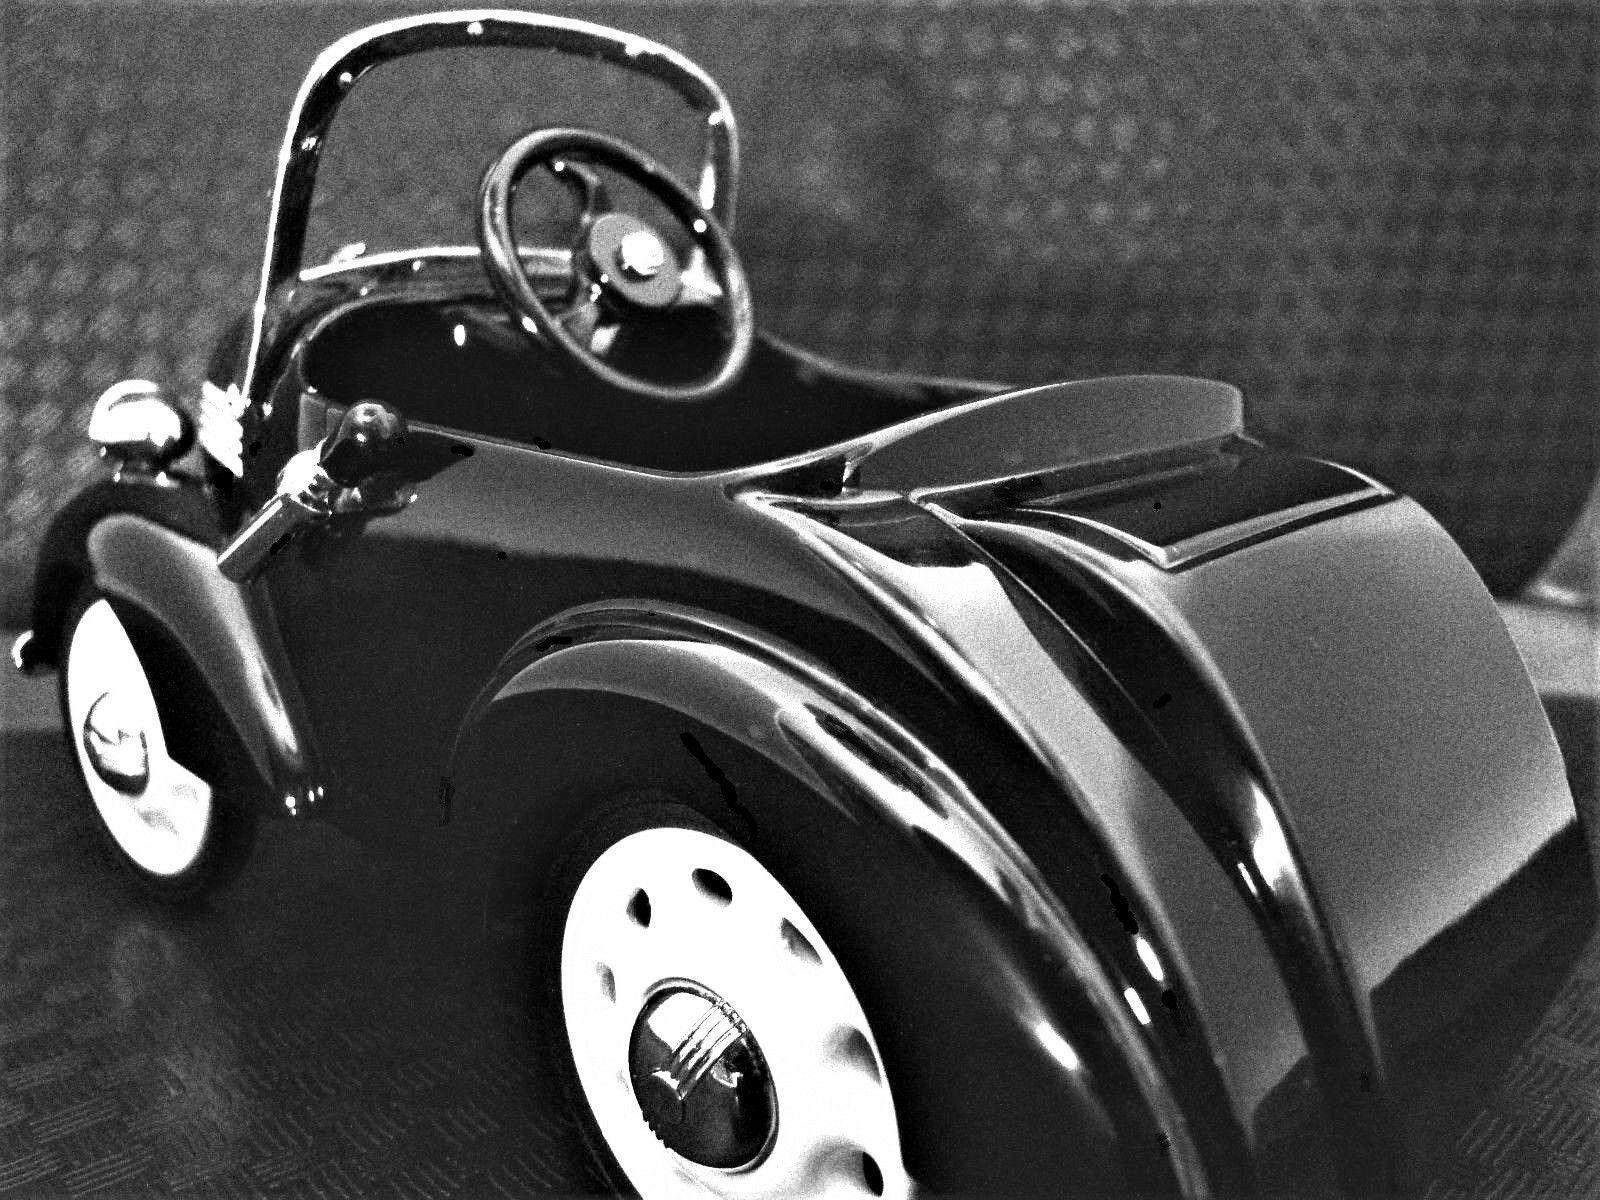 Chevy Auto A Pedal 1930 Negro metal vintage coleccionista     leer la descripción completa página